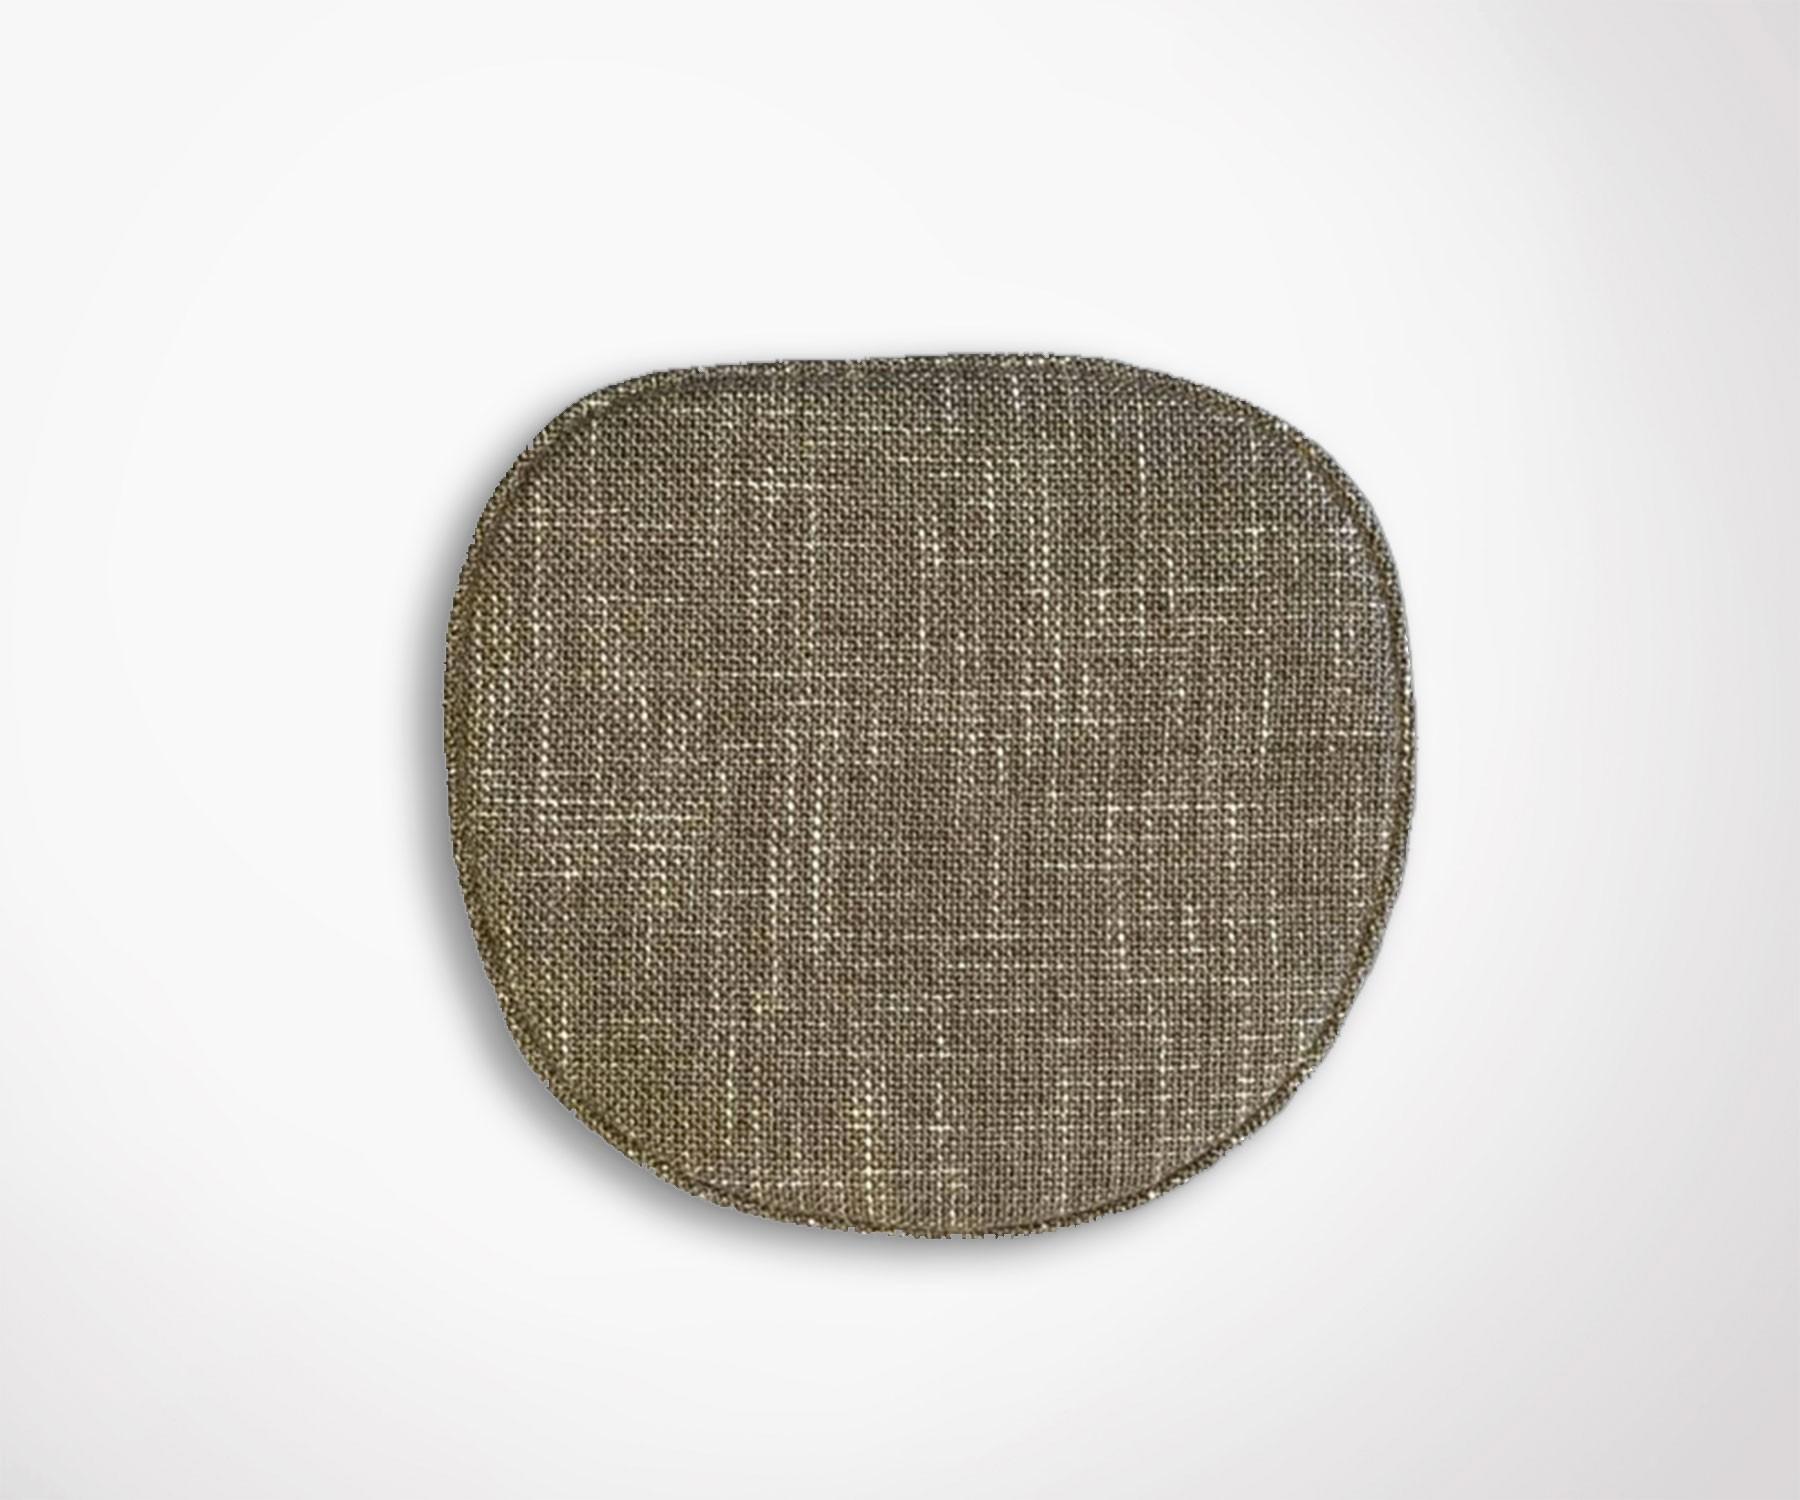 mousse galette chaise mousse de chaise coussin rehausseur antid rapant herdegen bloc de mousse. Black Bedroom Furniture Sets. Home Design Ideas